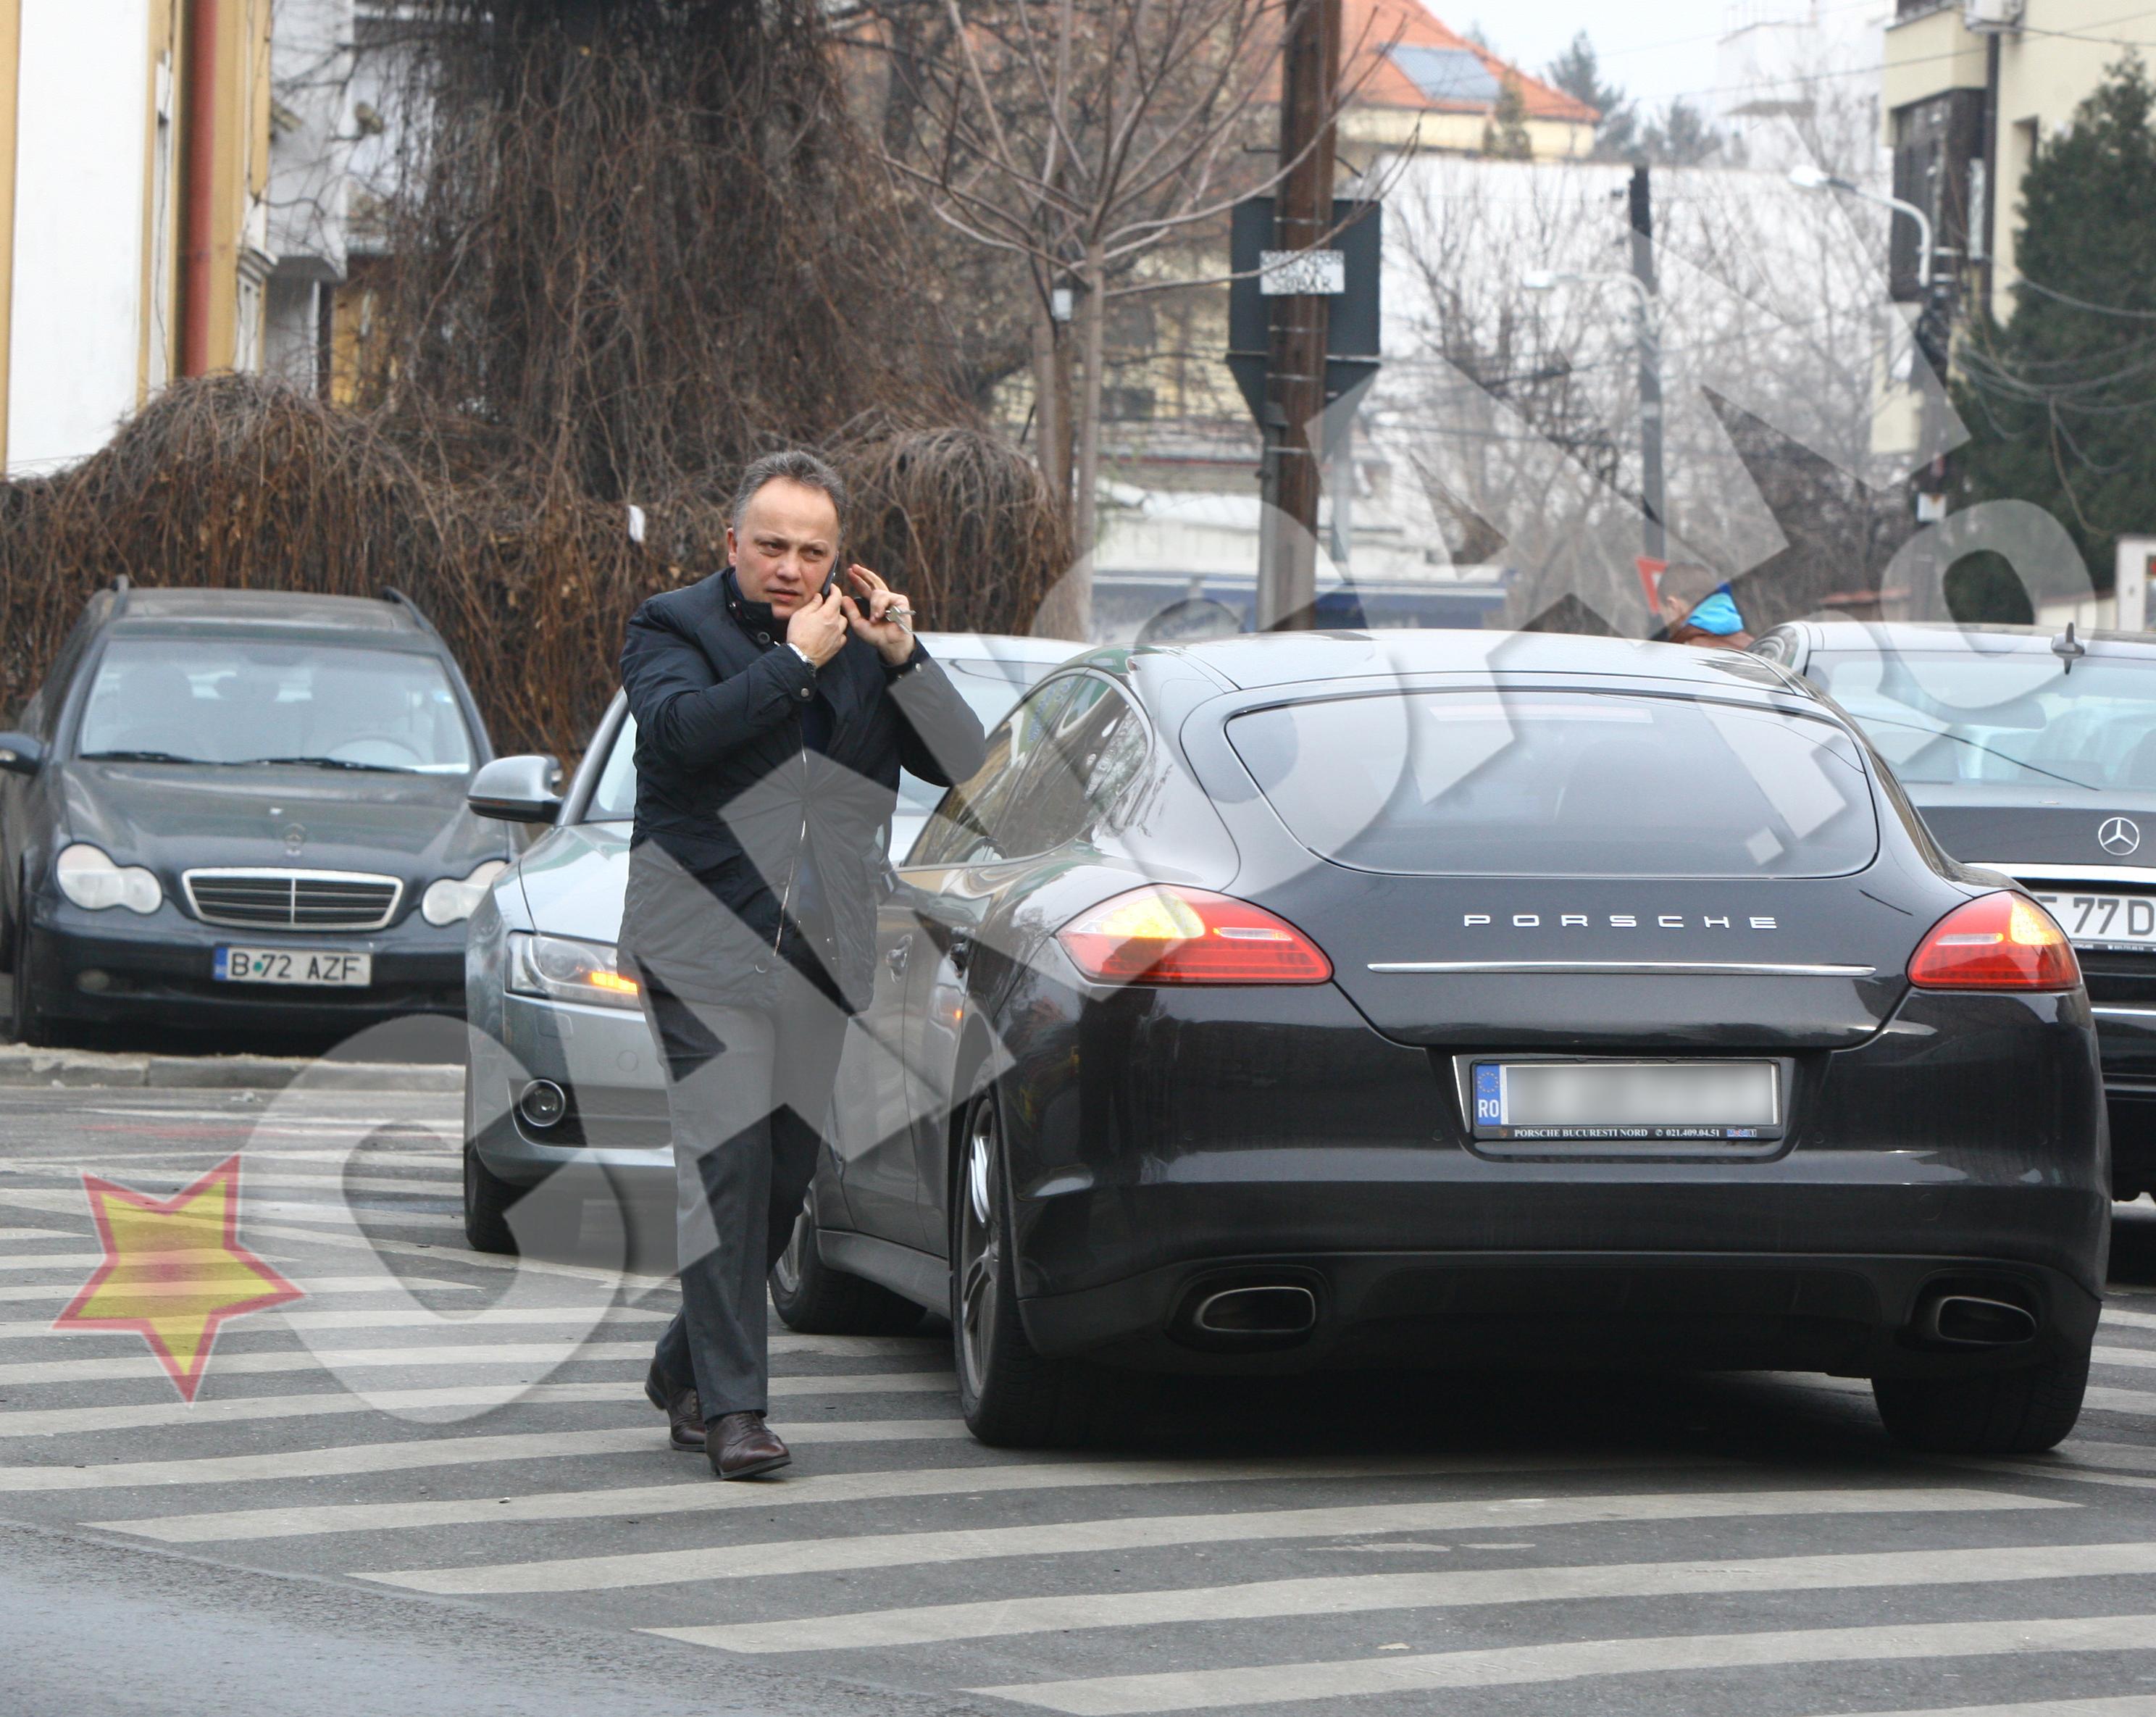 Claudiu Florica s-a grabit sa iasa din masina ca sa ajunga repede la intalnirea cu Cocos